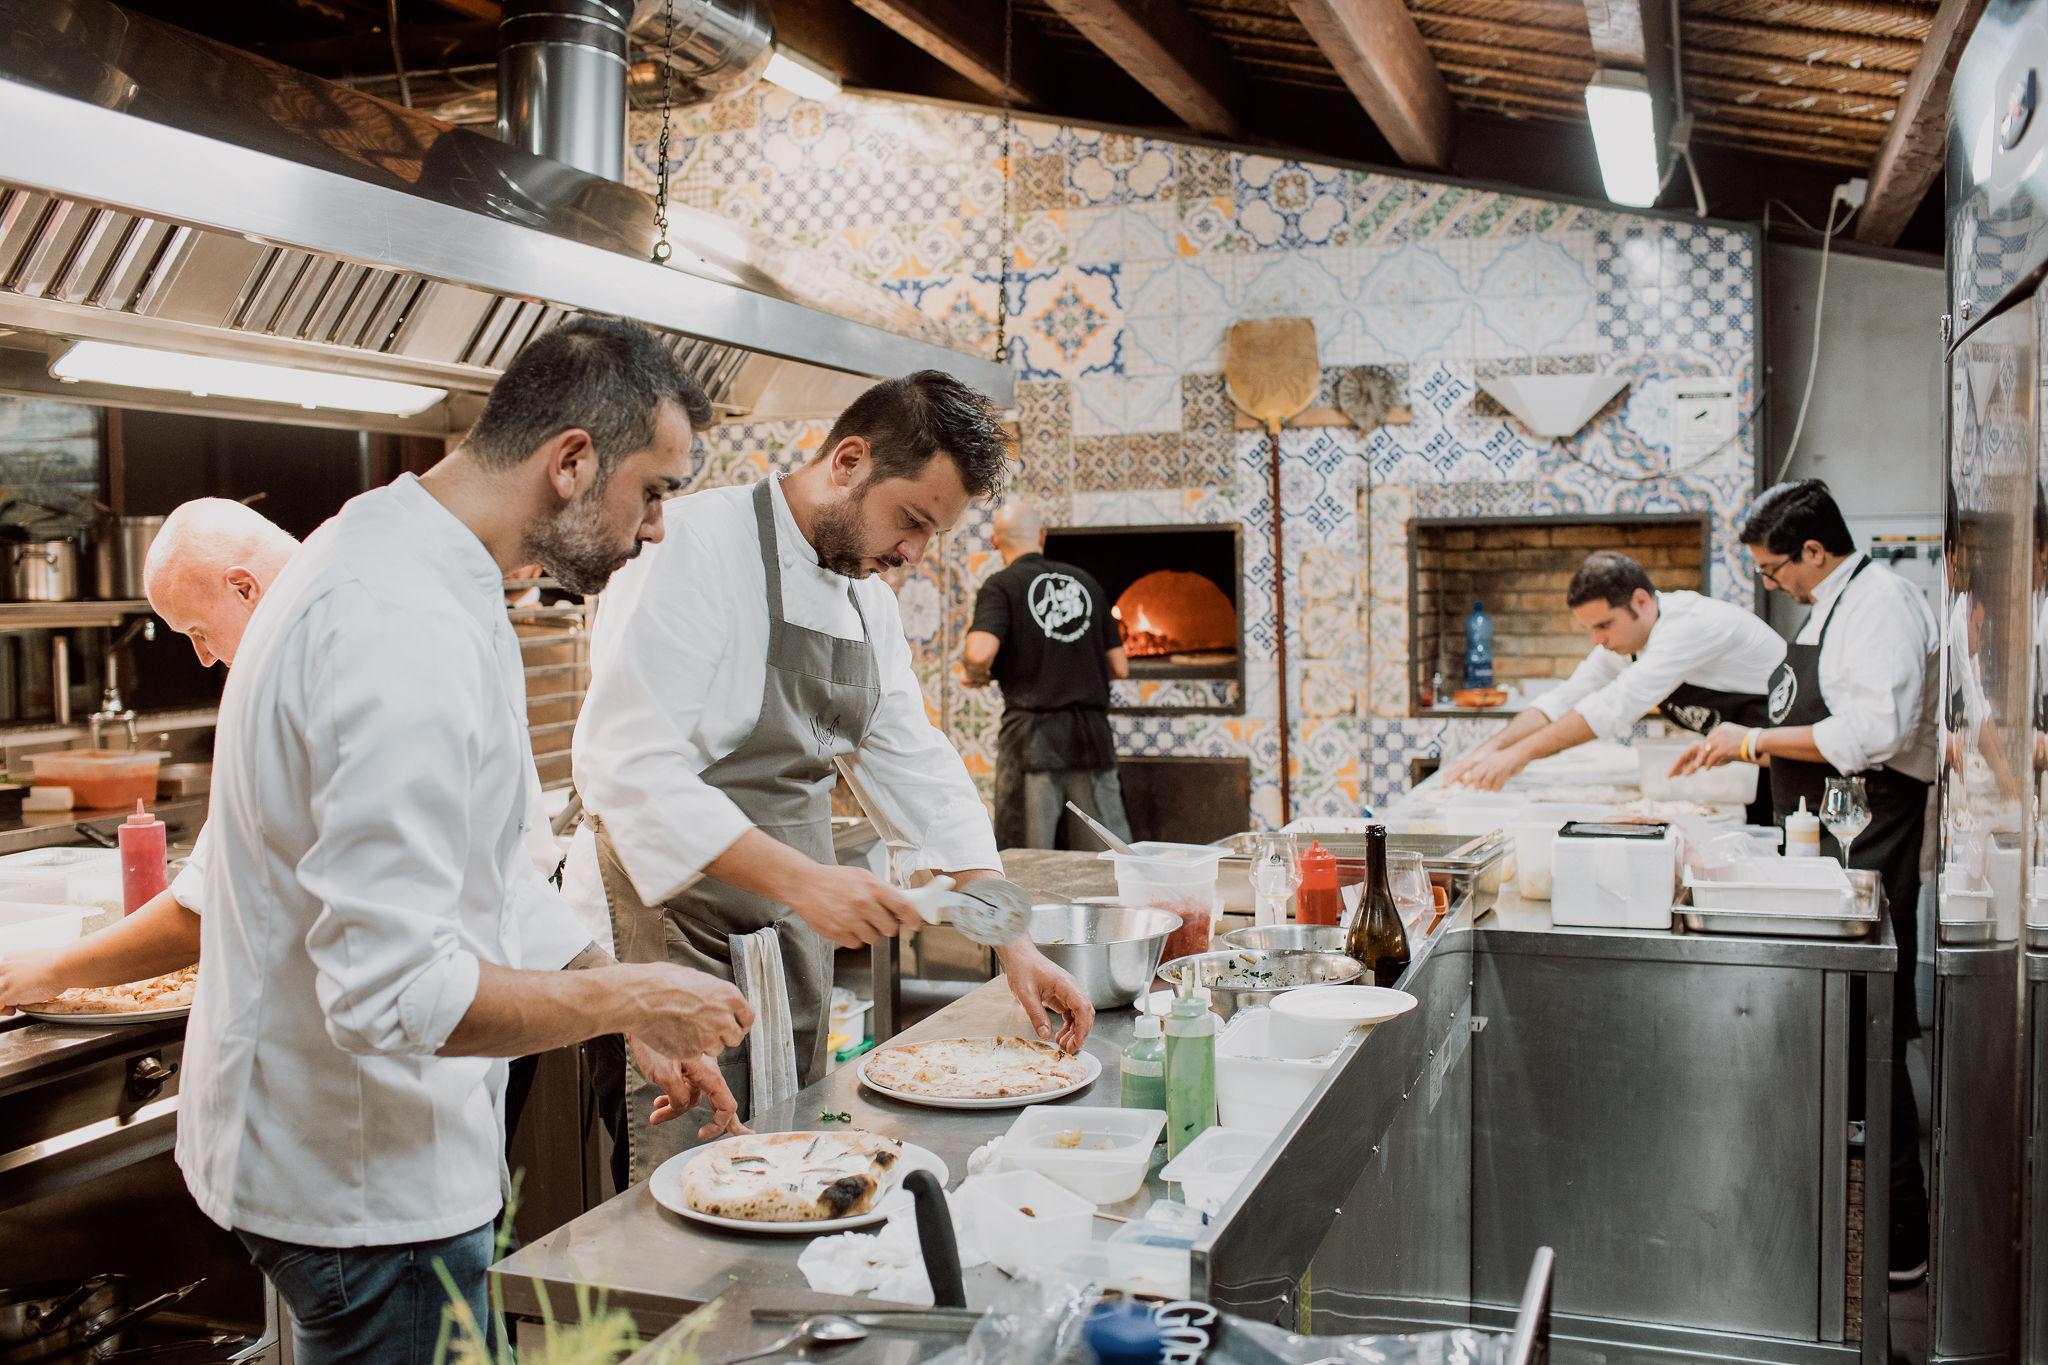 Amici per la pizza, il report di una festa tra amici | Sicilia da Gustare